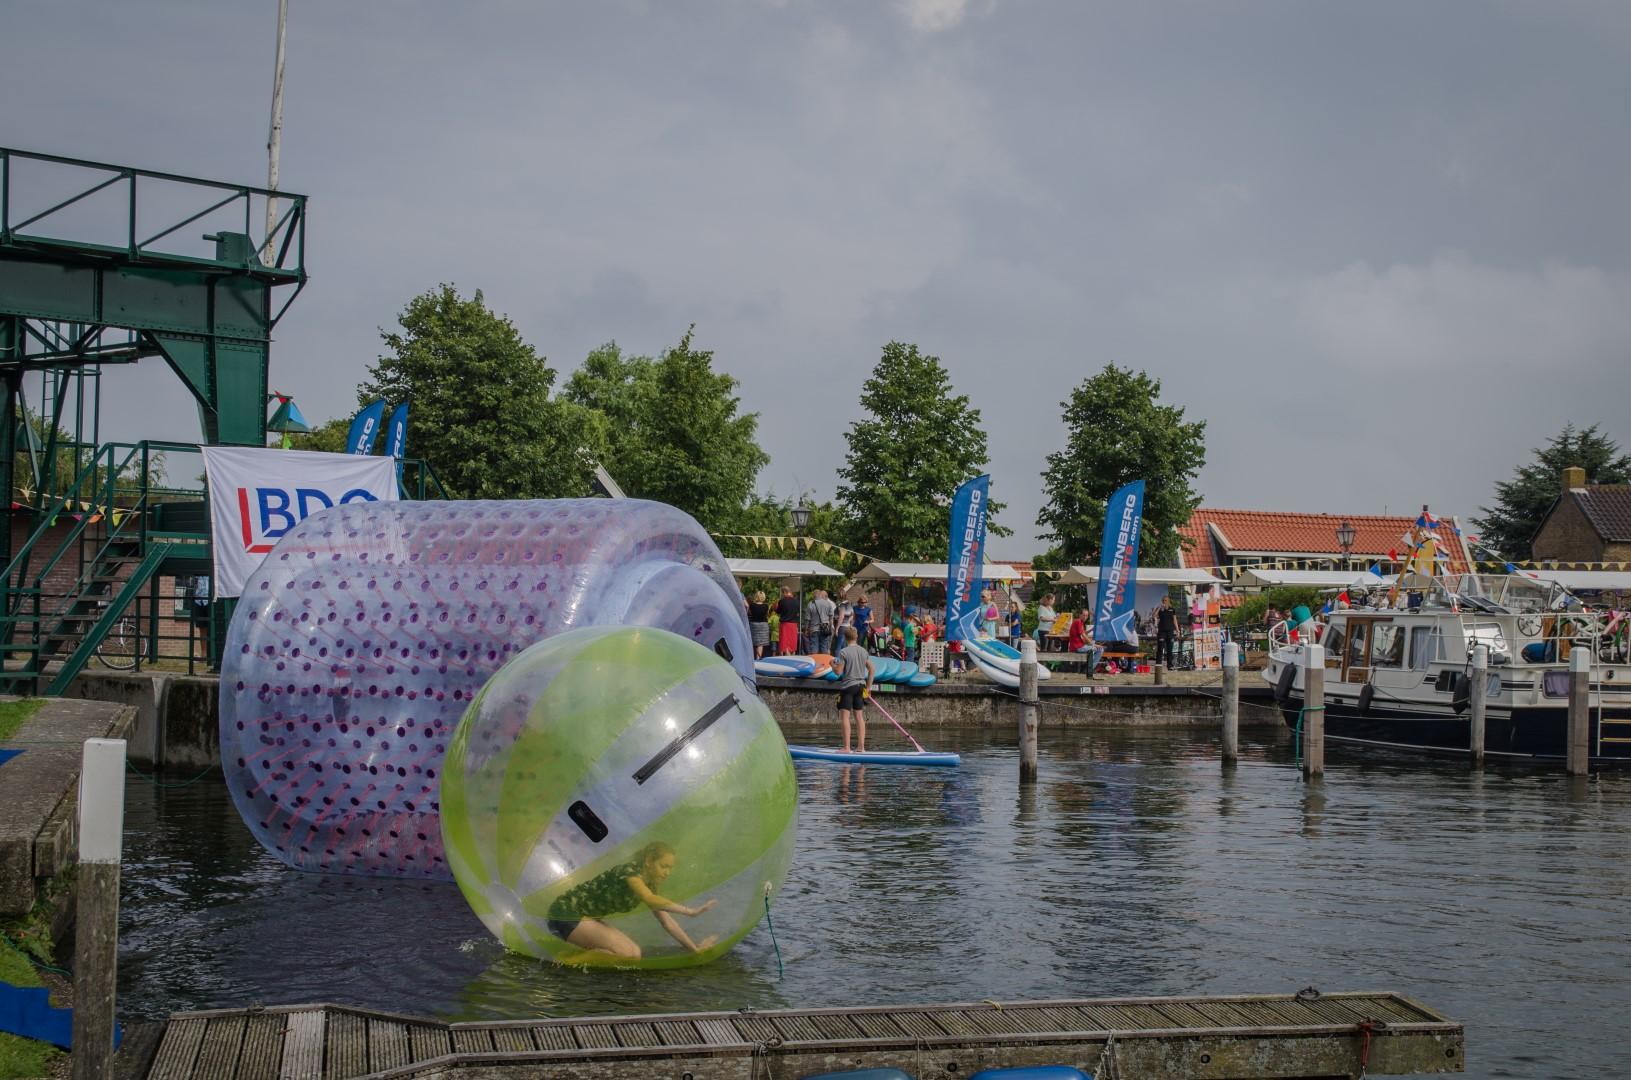 Programma Waterweken in Stede Broec